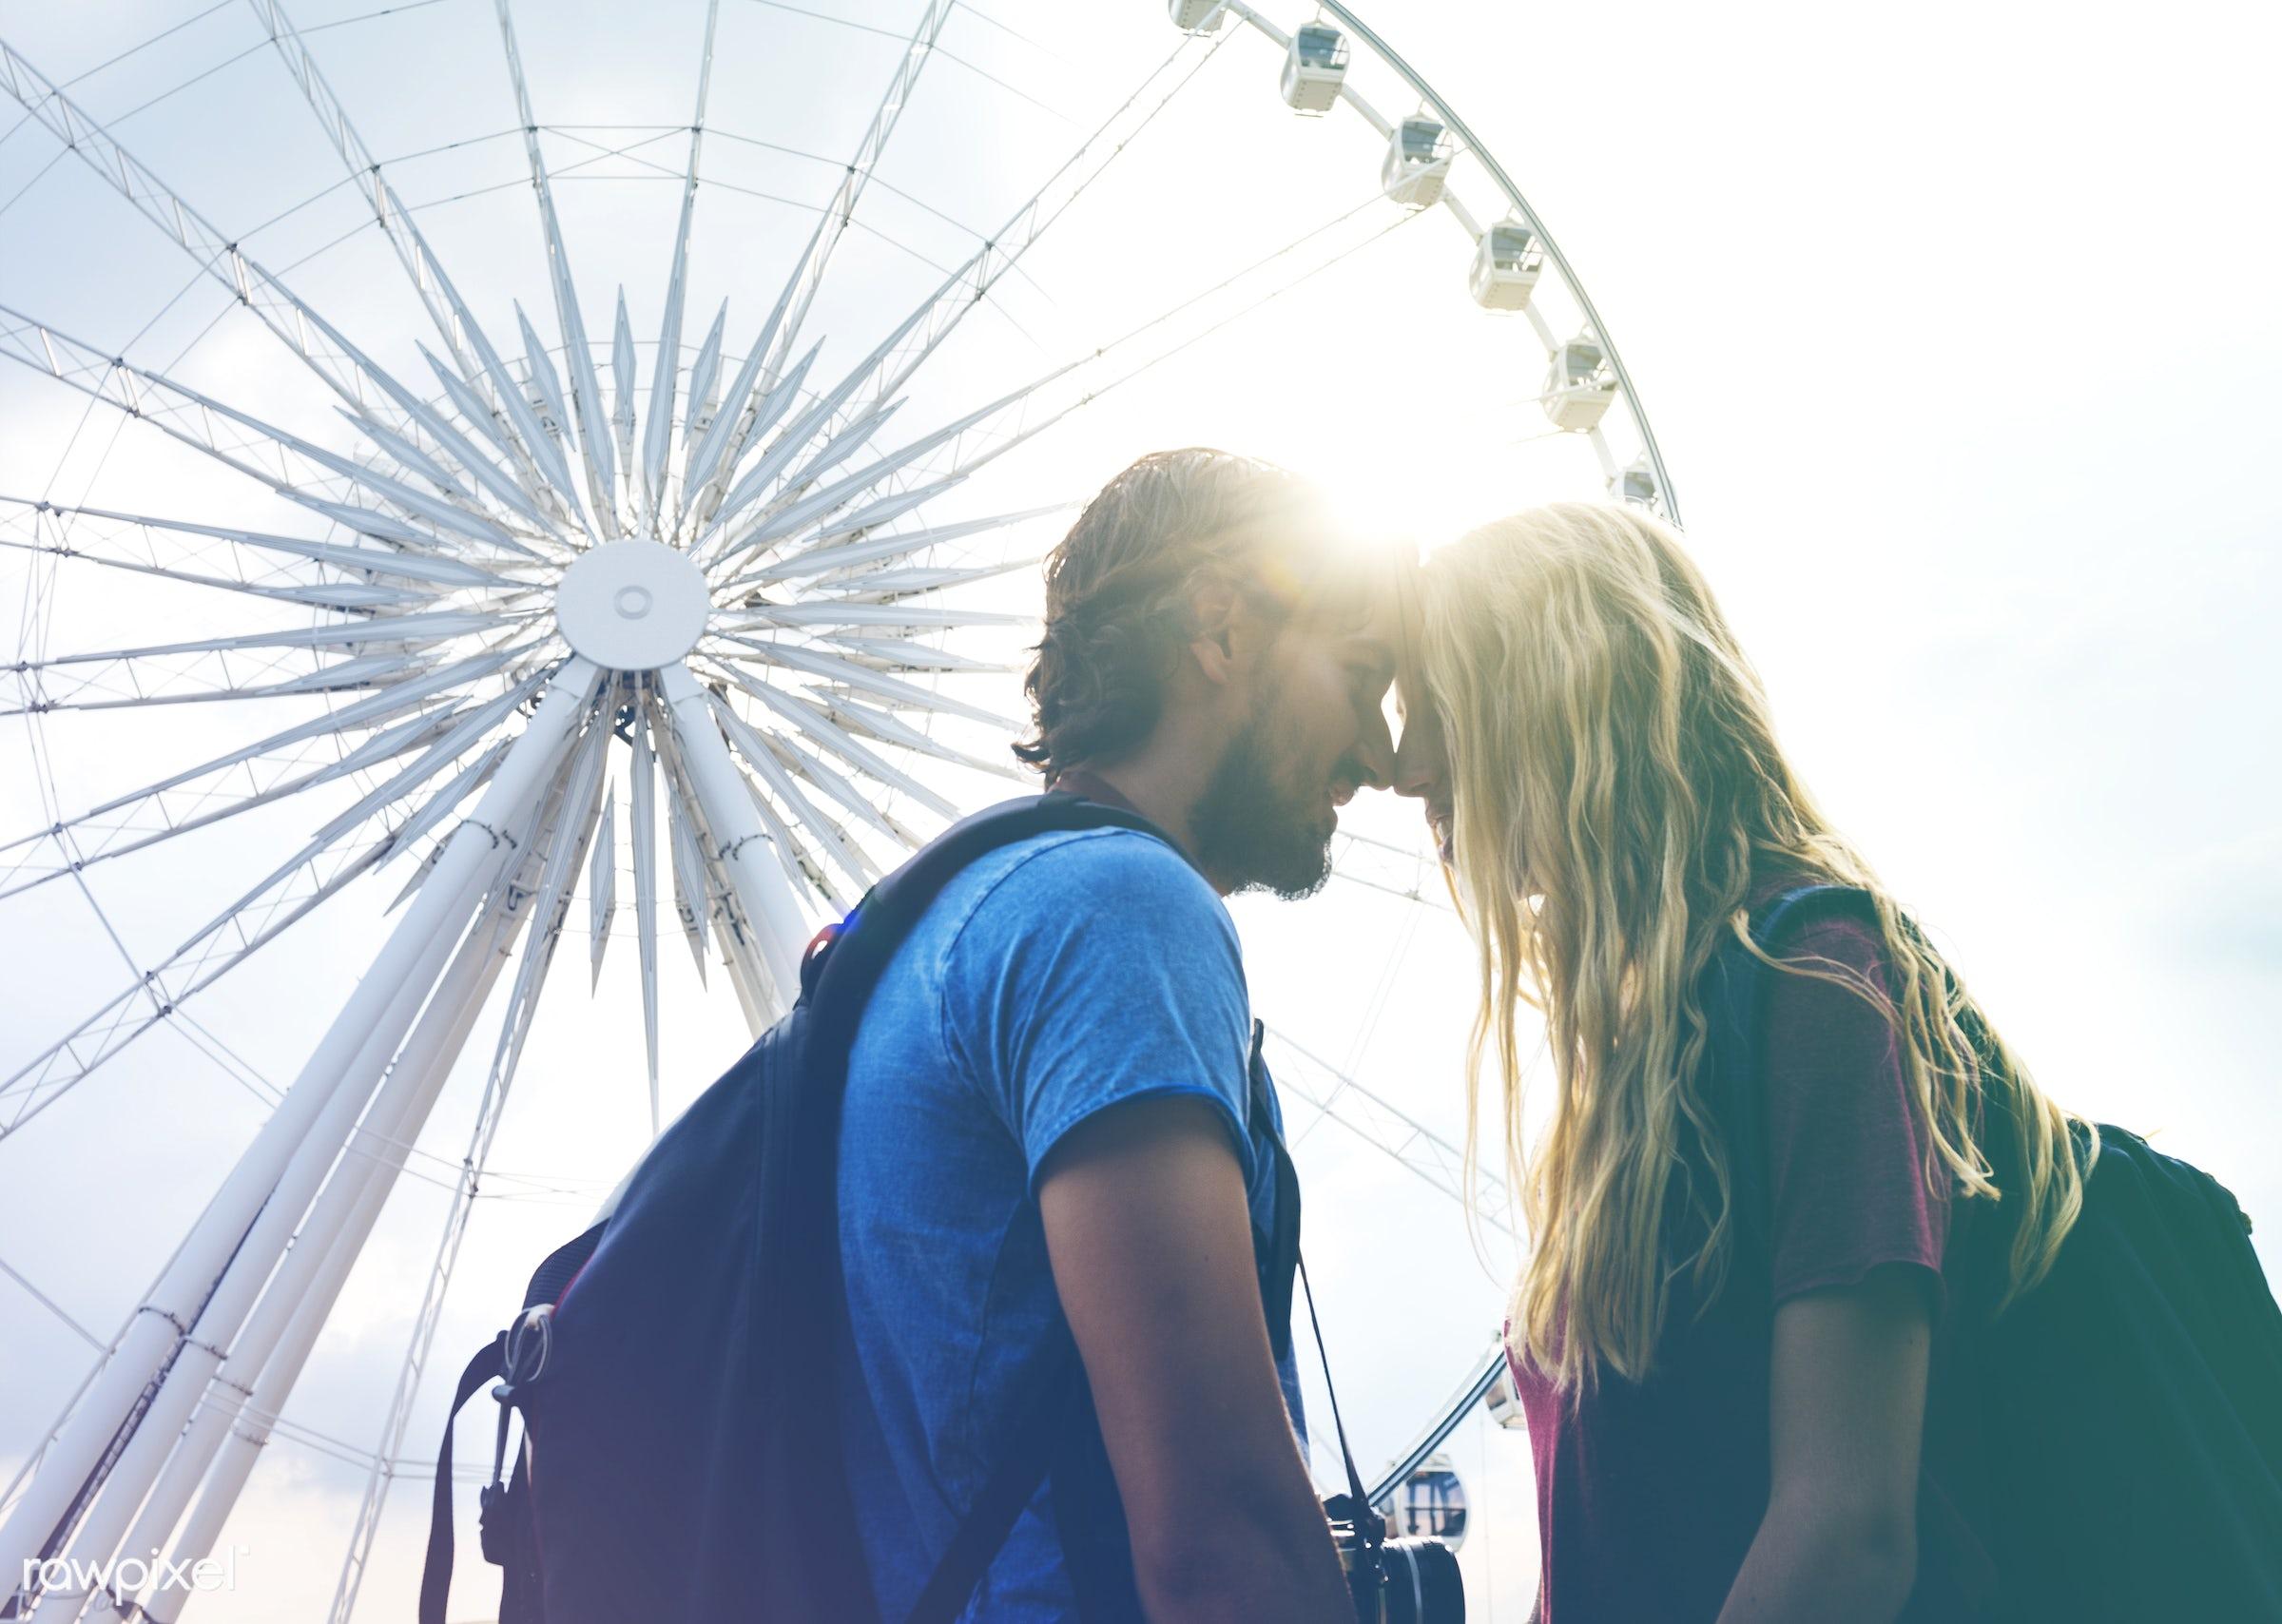 adult, affection, amusement, art, beard, blend, blonde, bonding, boyfriend, carousel, casual, caucasian, cheerful, city,...